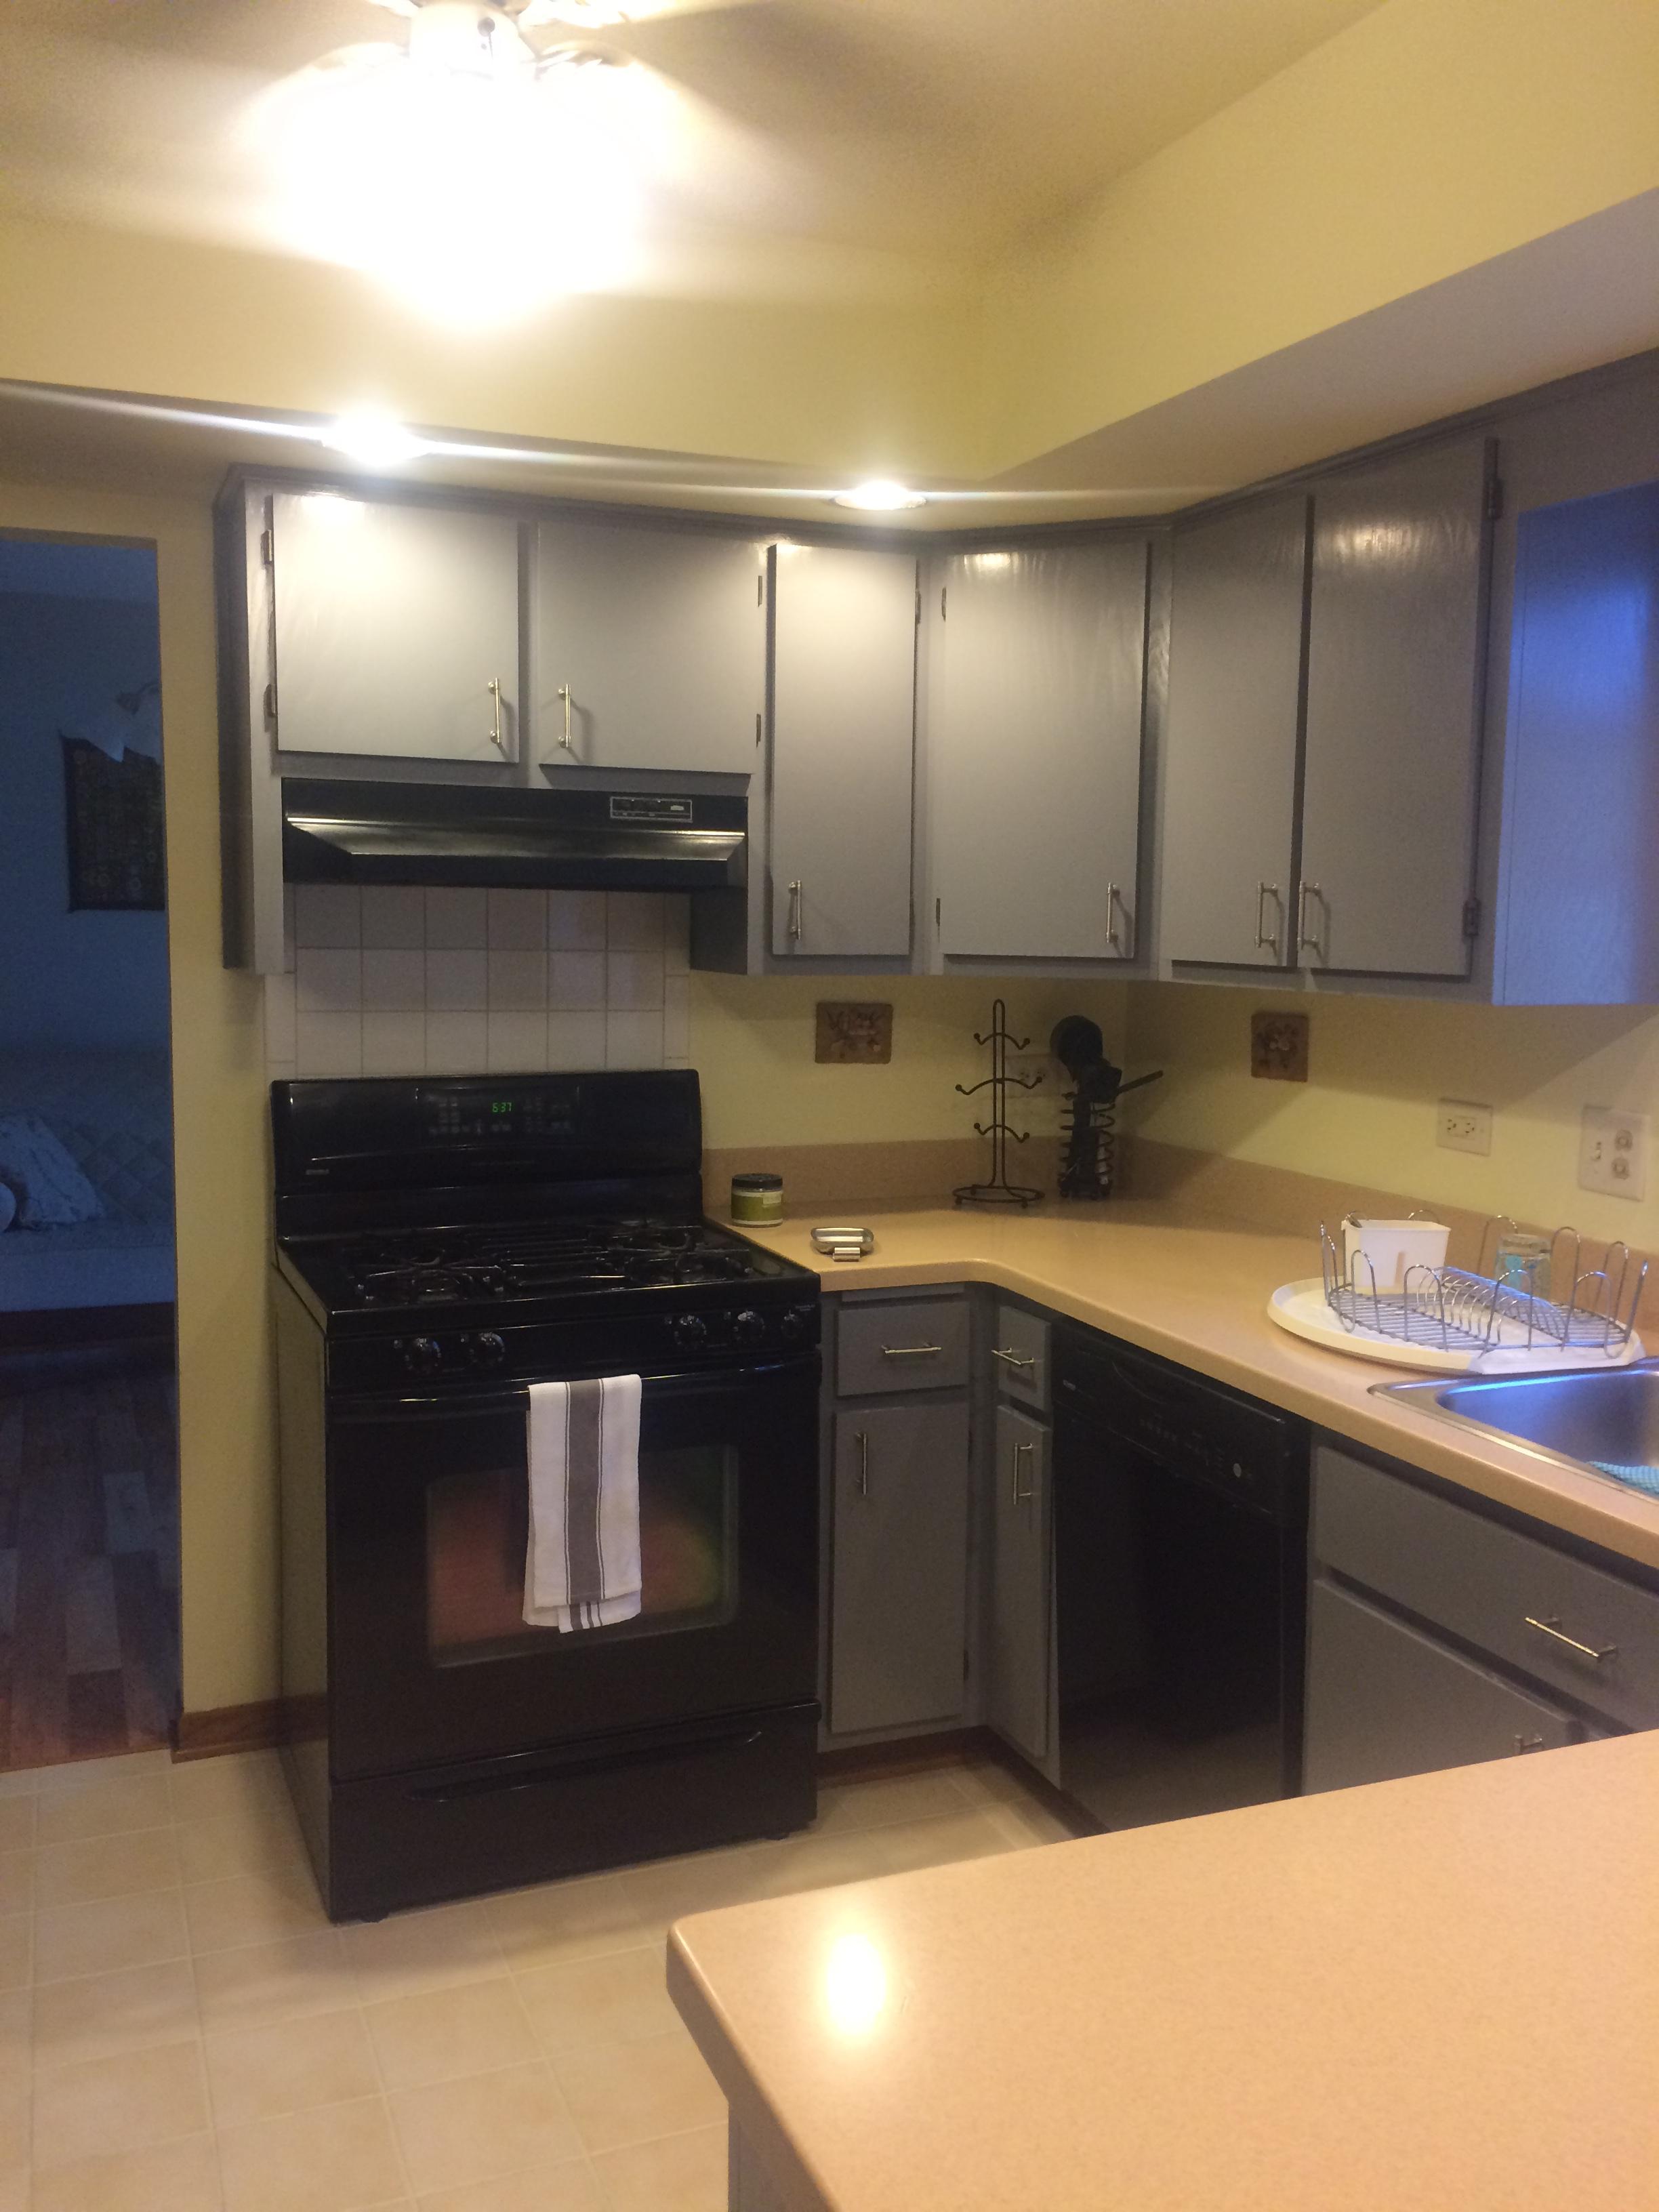 flossmoor kitchen 5 before.jpg